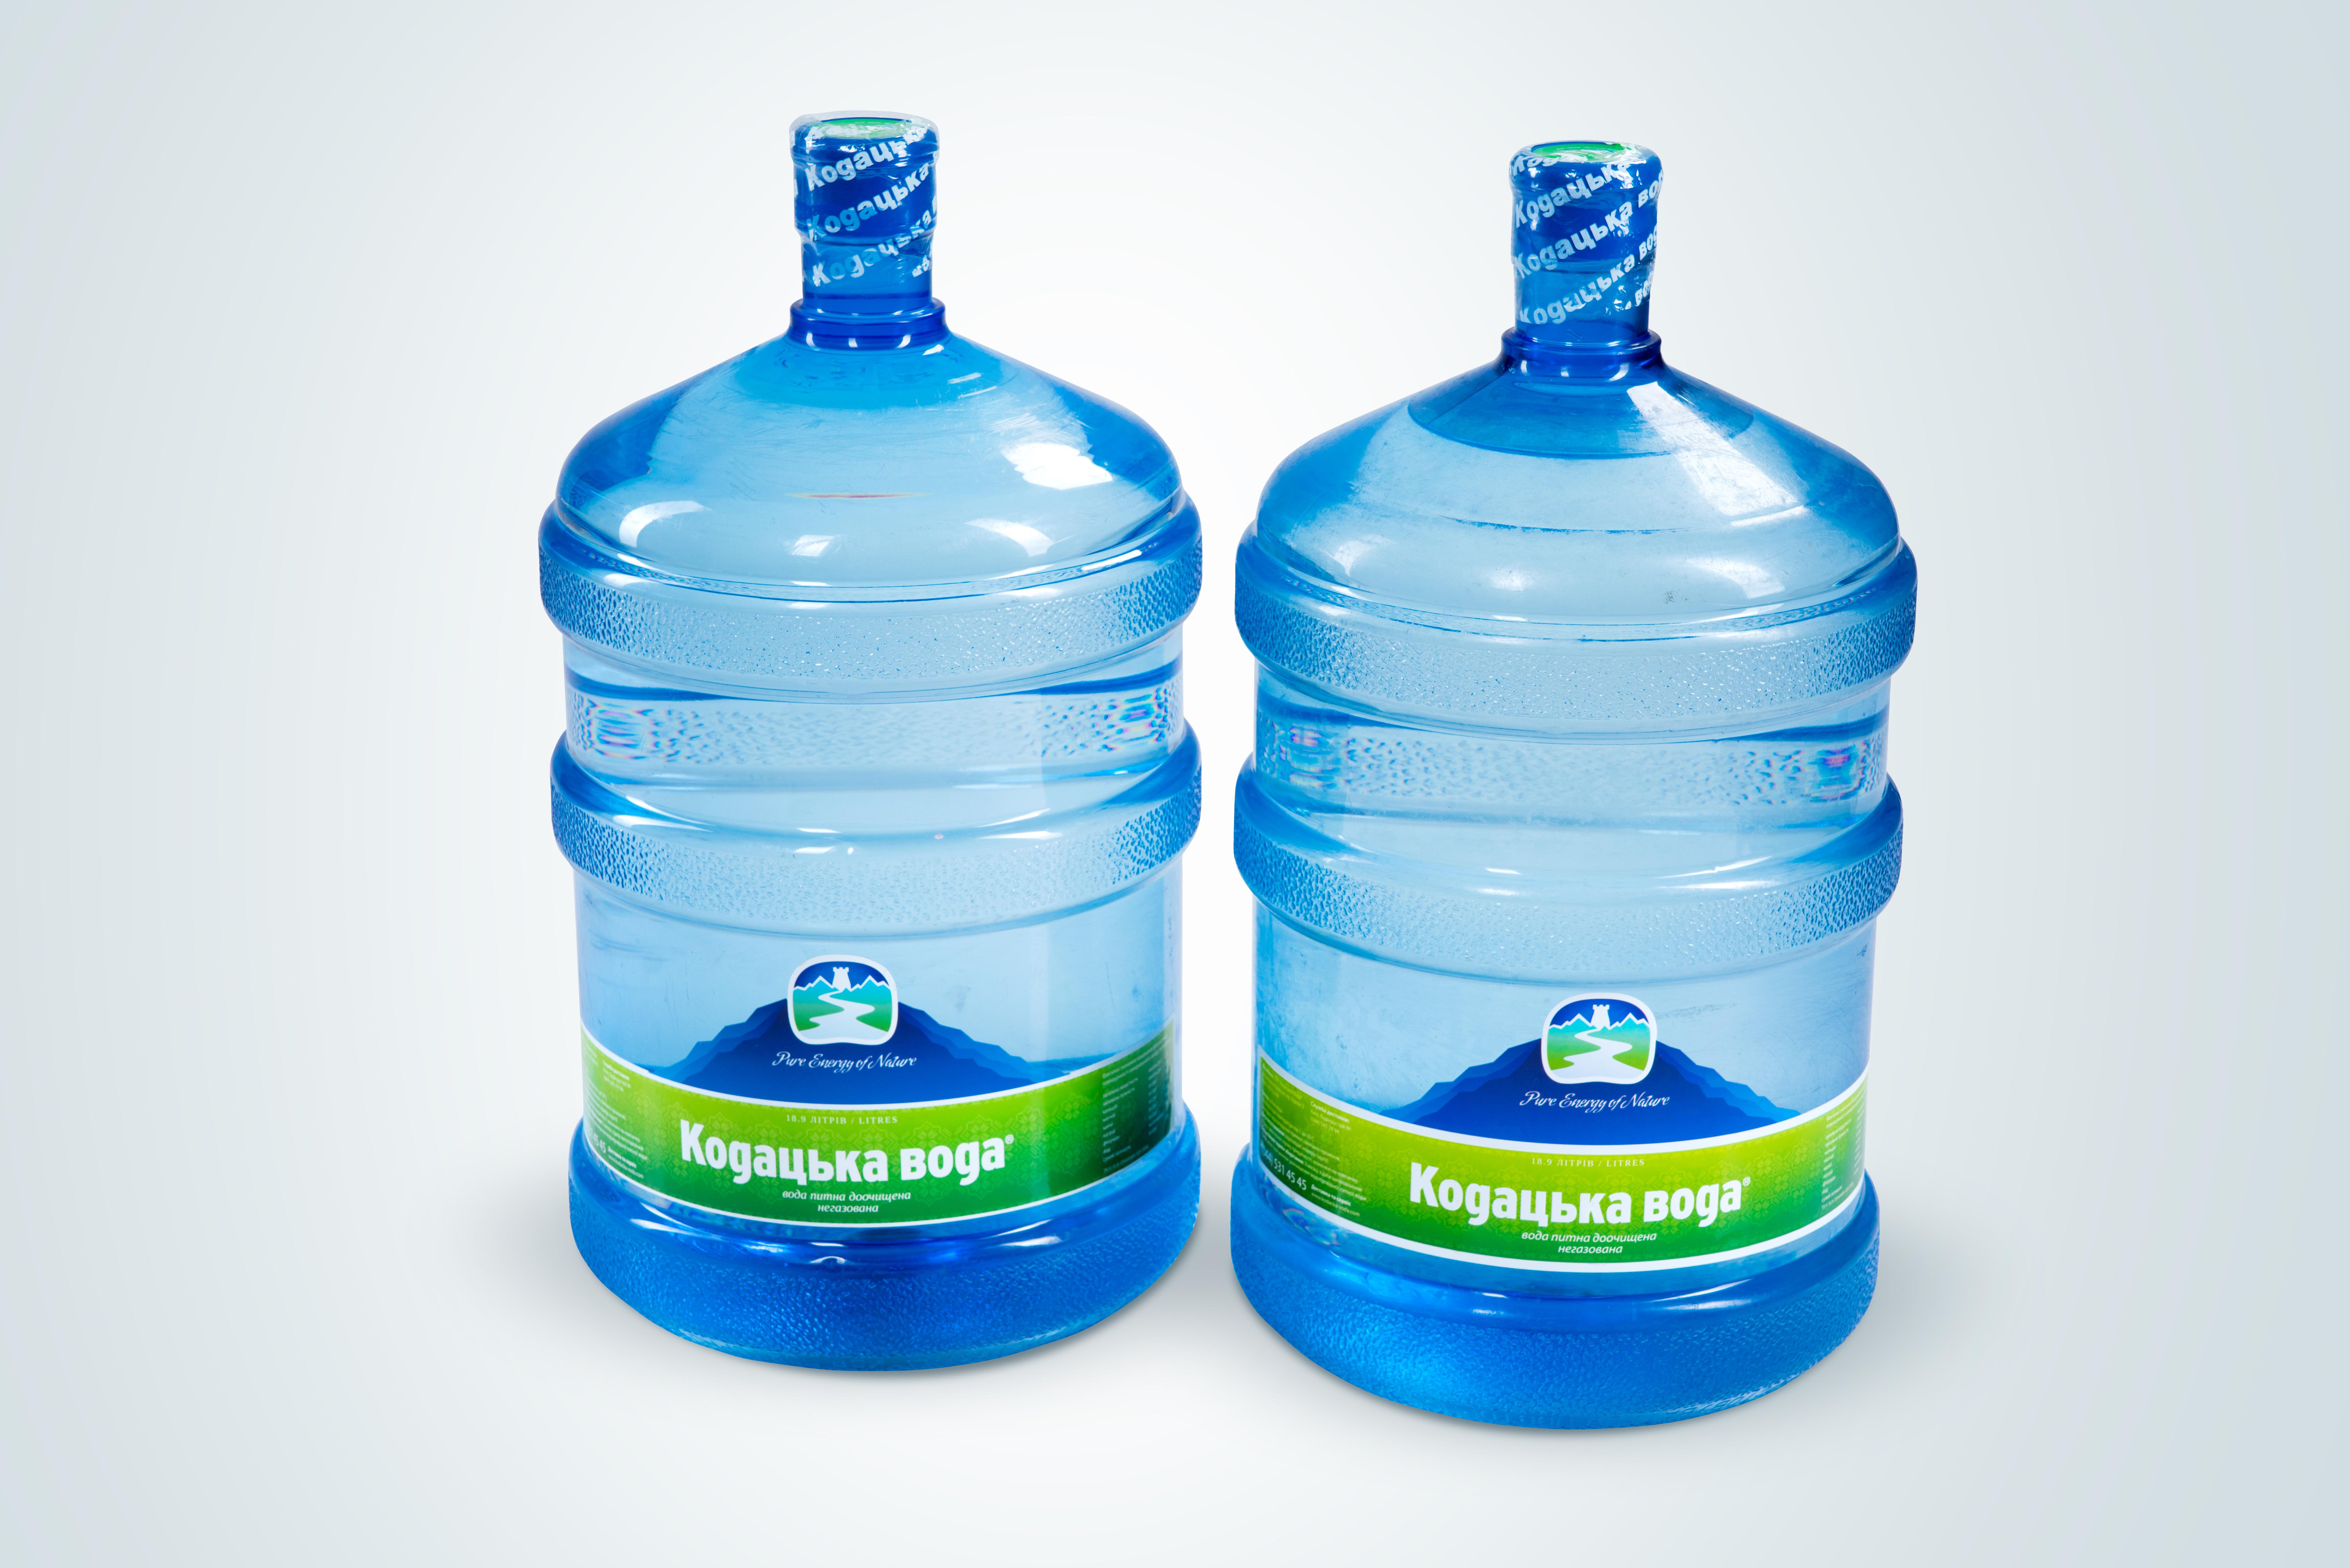 zakazat-butilirovannuyu-vody-na-dom-v-kieve